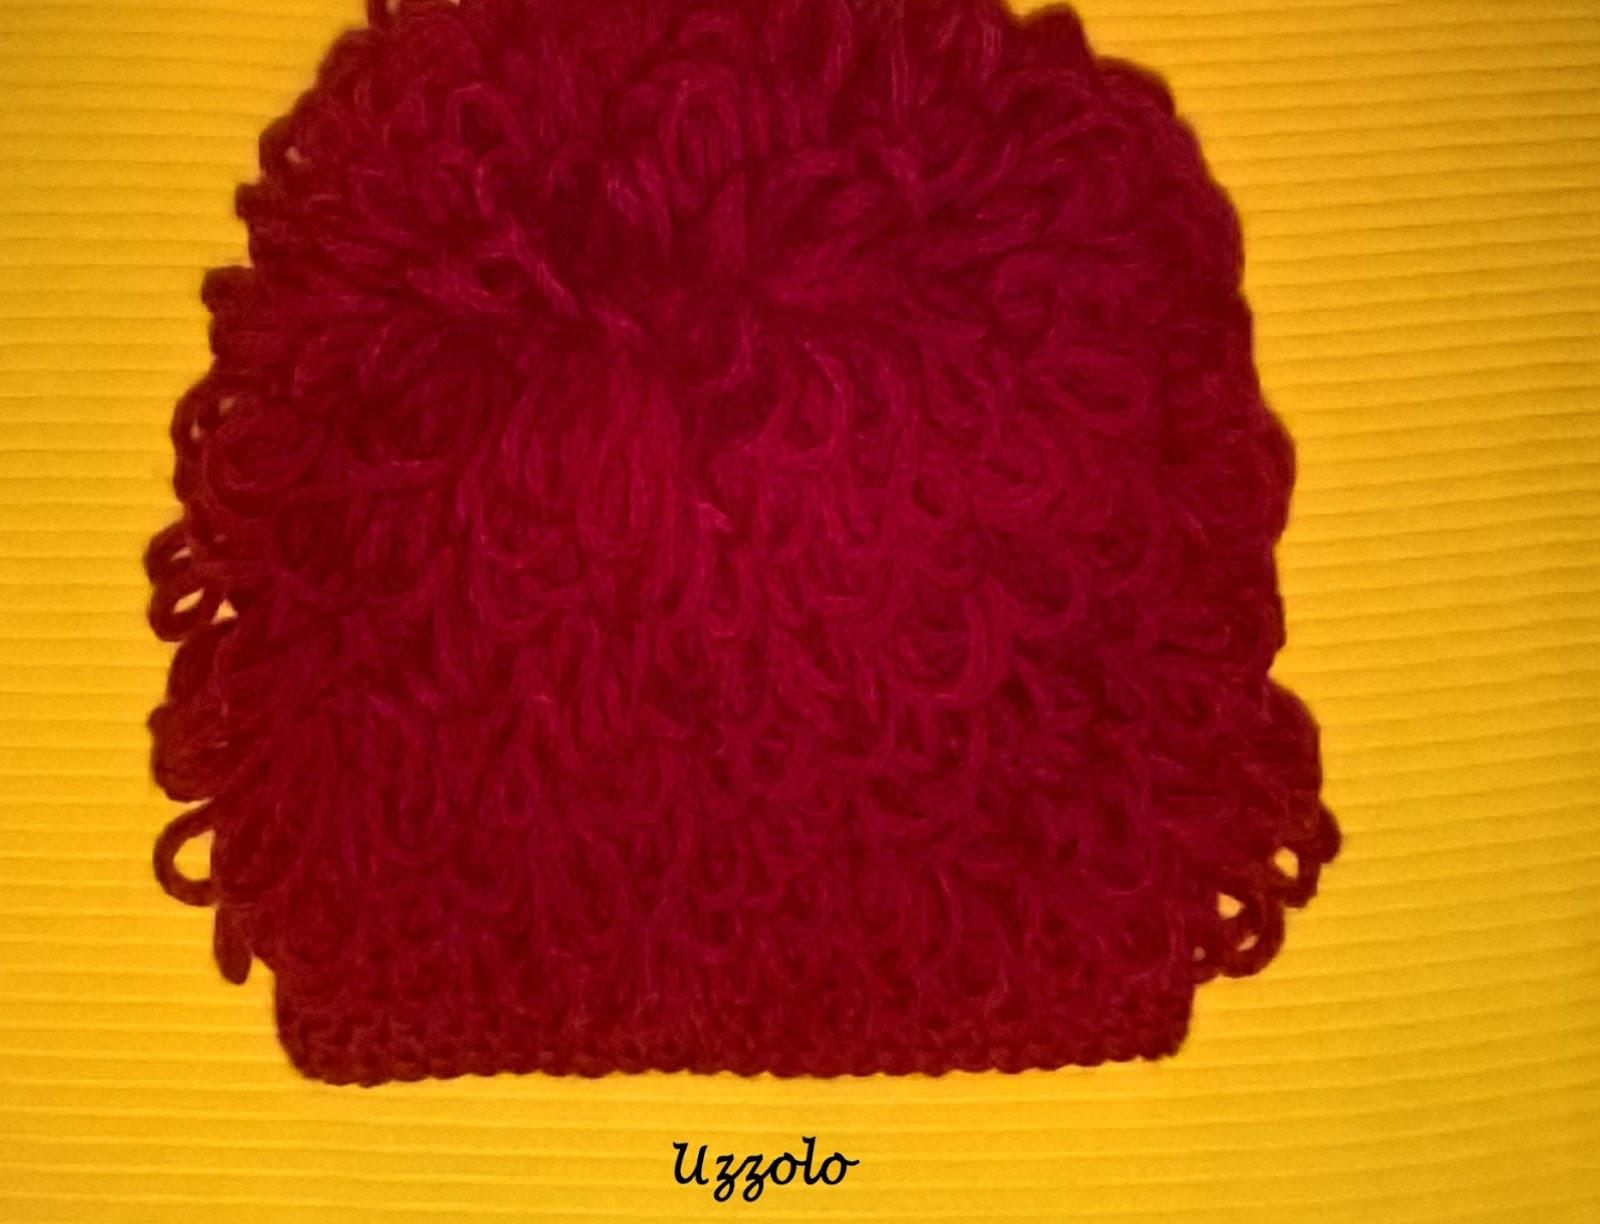 Uzzolo Cappelli A Uncinetto Molto Originali